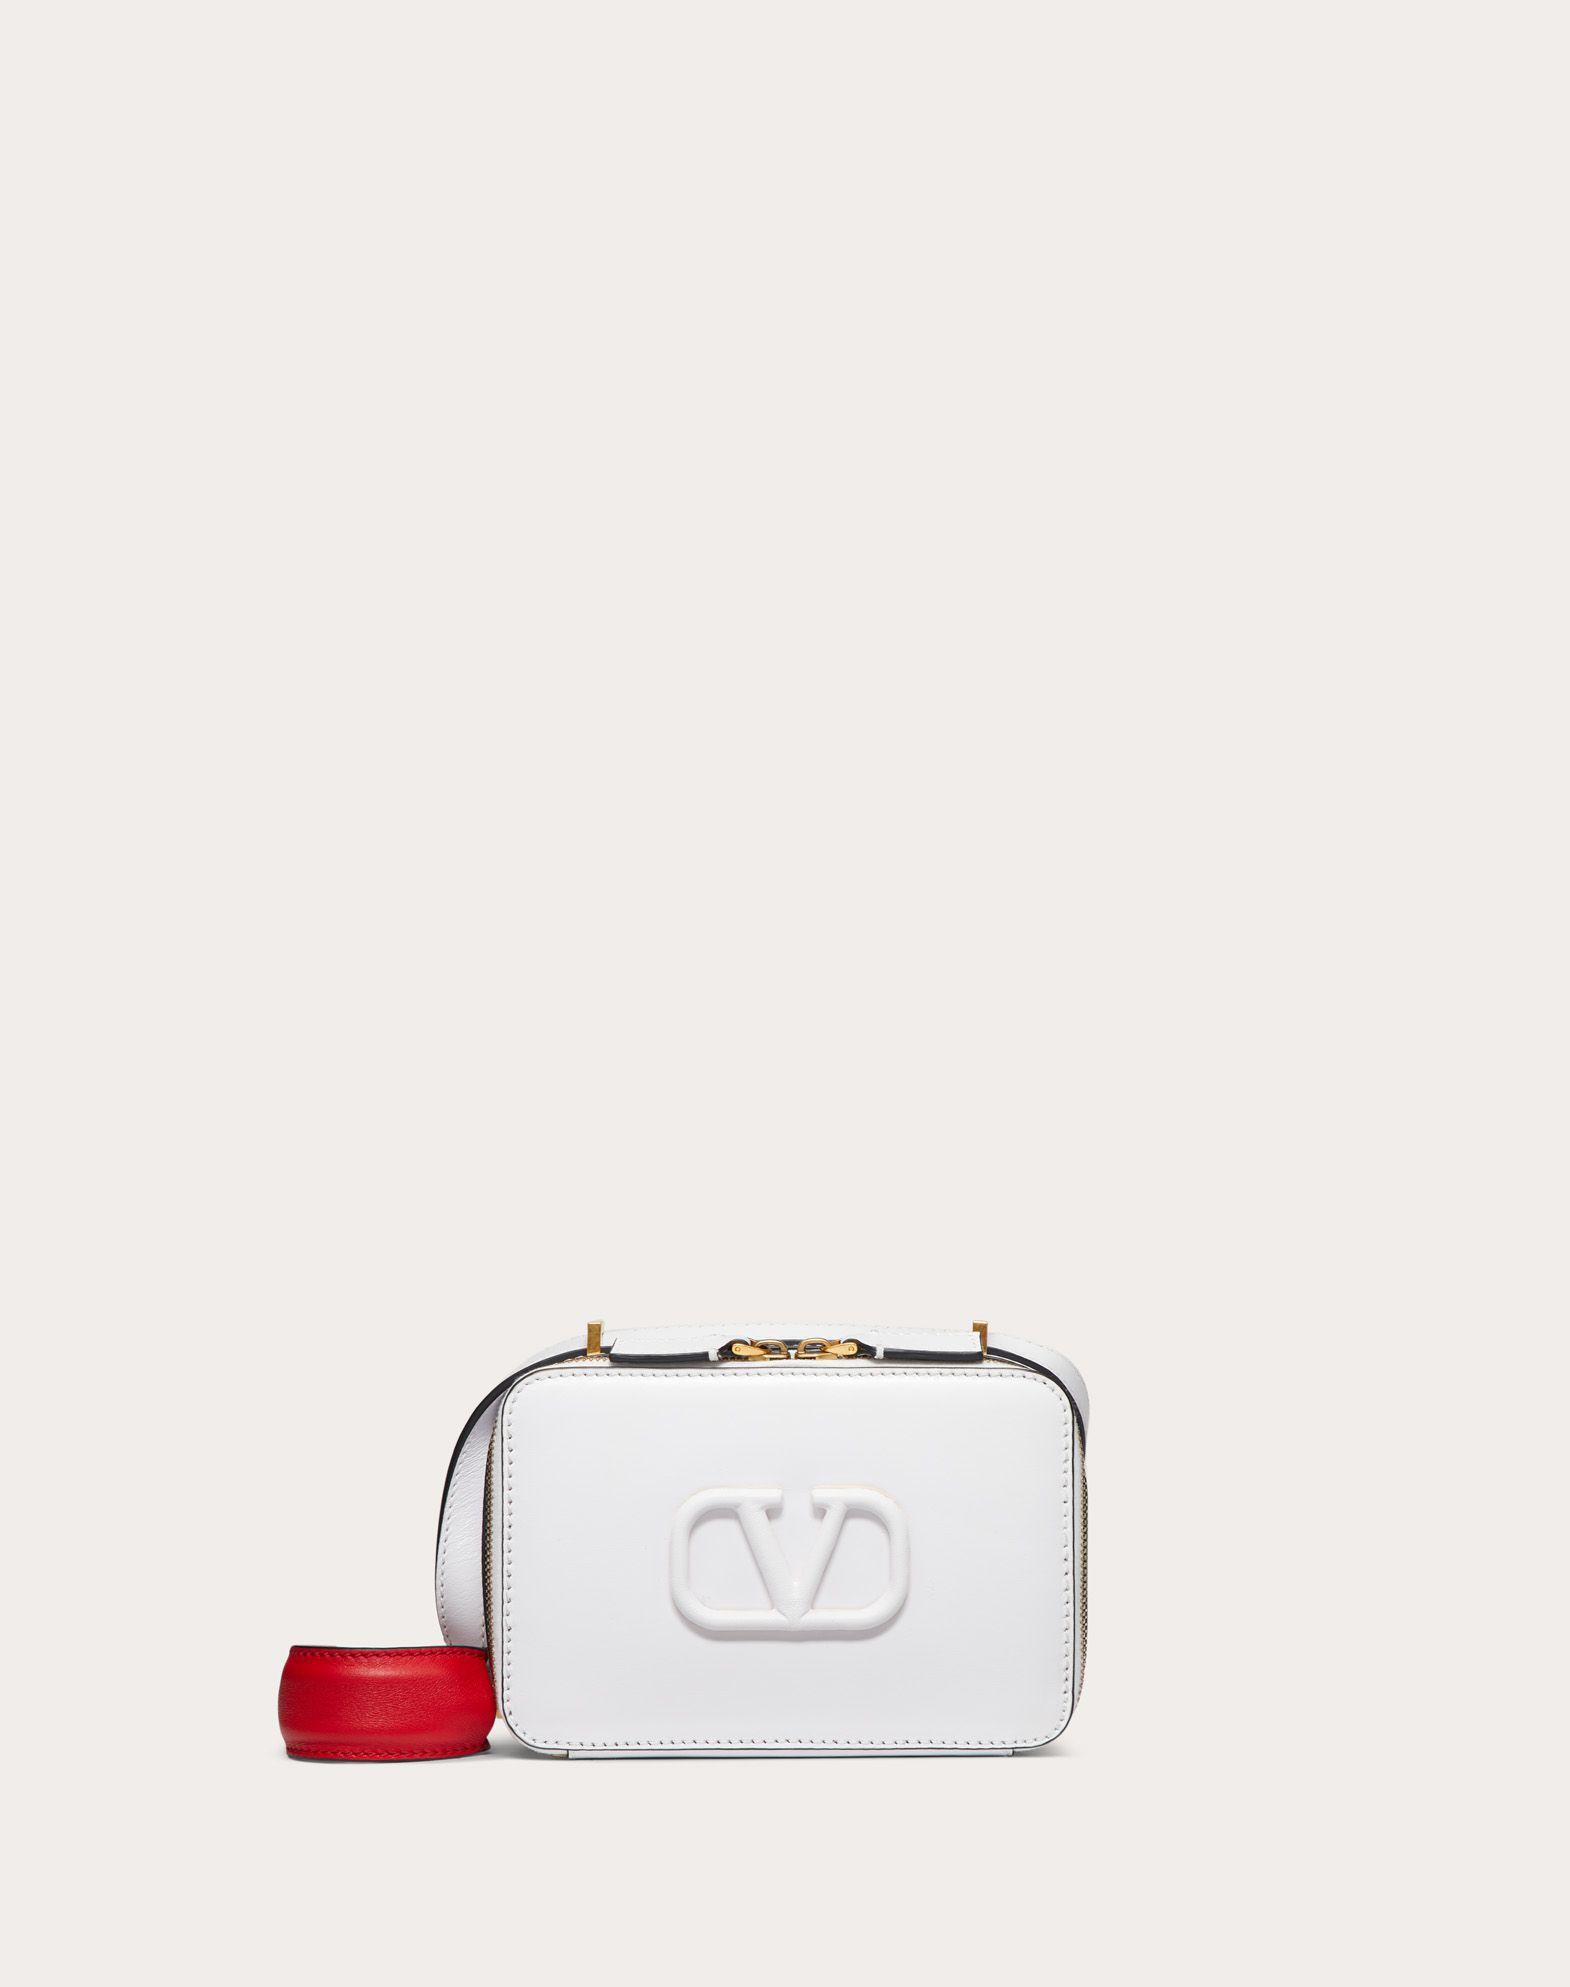 Crossbody Bag VSLING aus glänzendem Kalbsleder